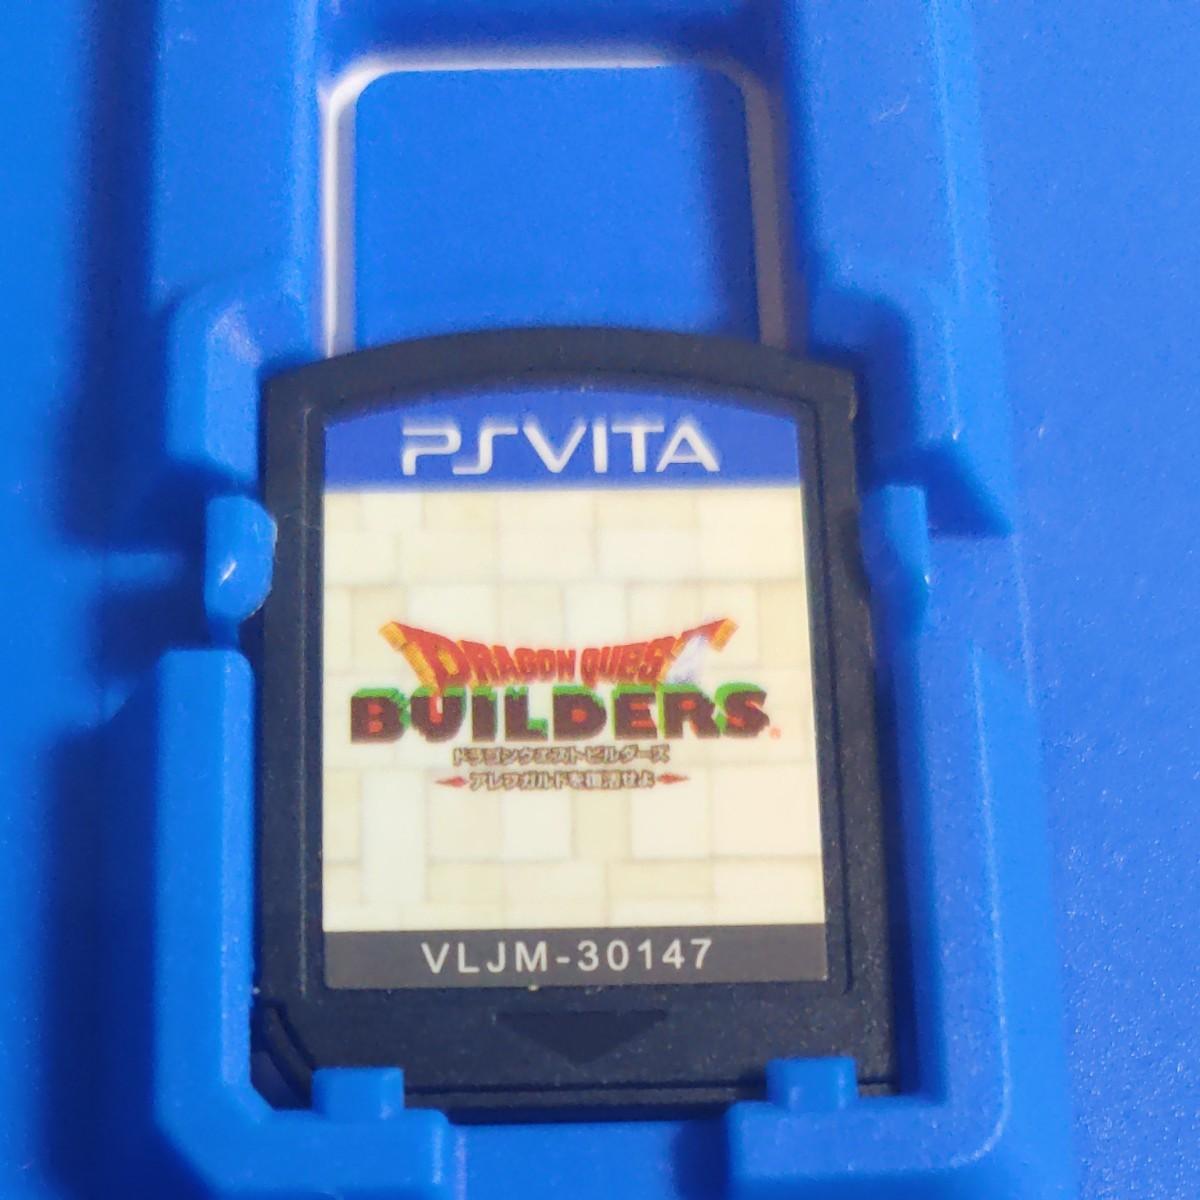 PS Vita ドラゴンクエストビルダーズアレフガルドを復活せよ